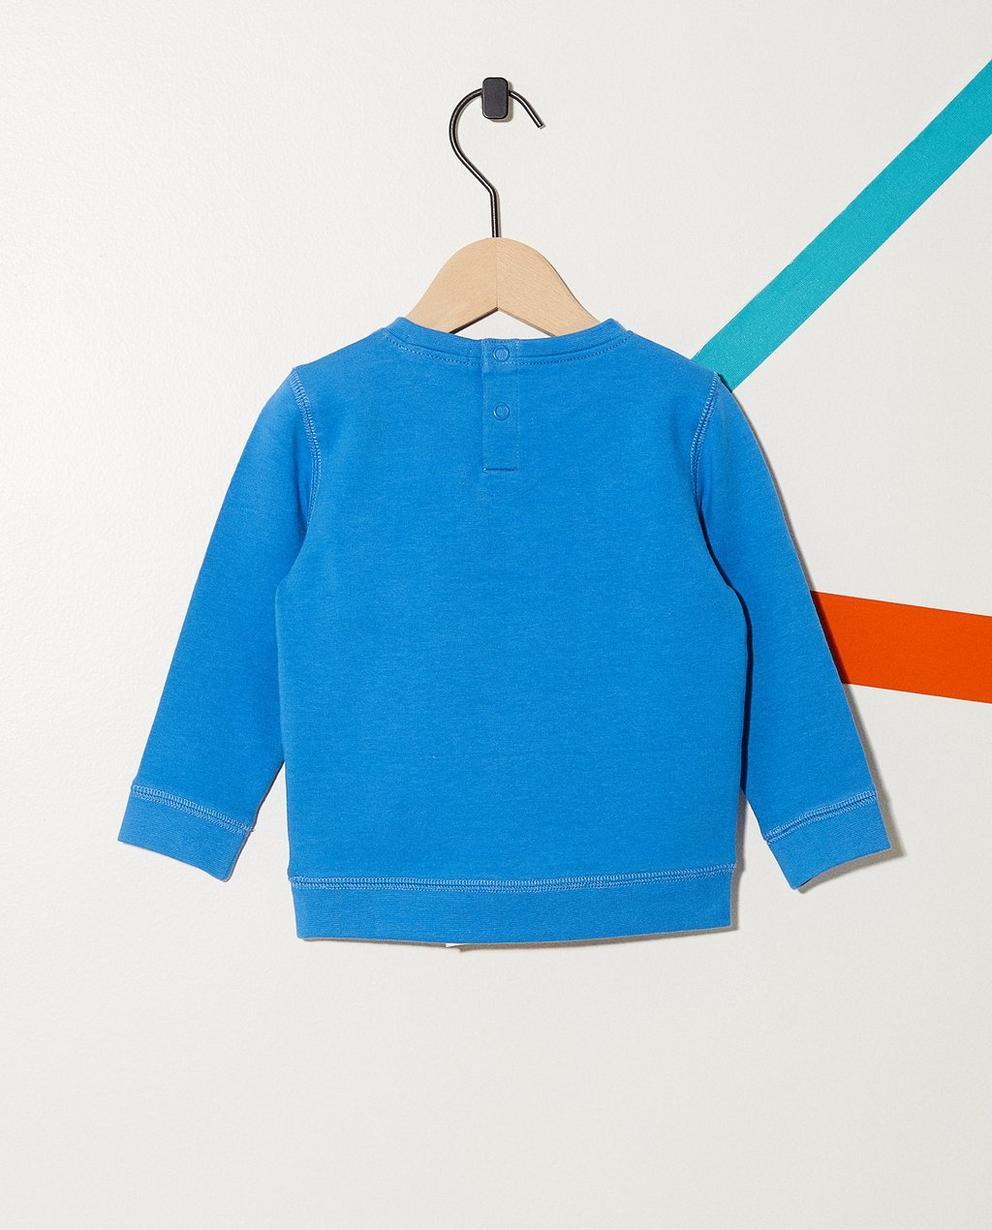 Sweater - Aqua - Sweater mit Bouclé-Aufschrift